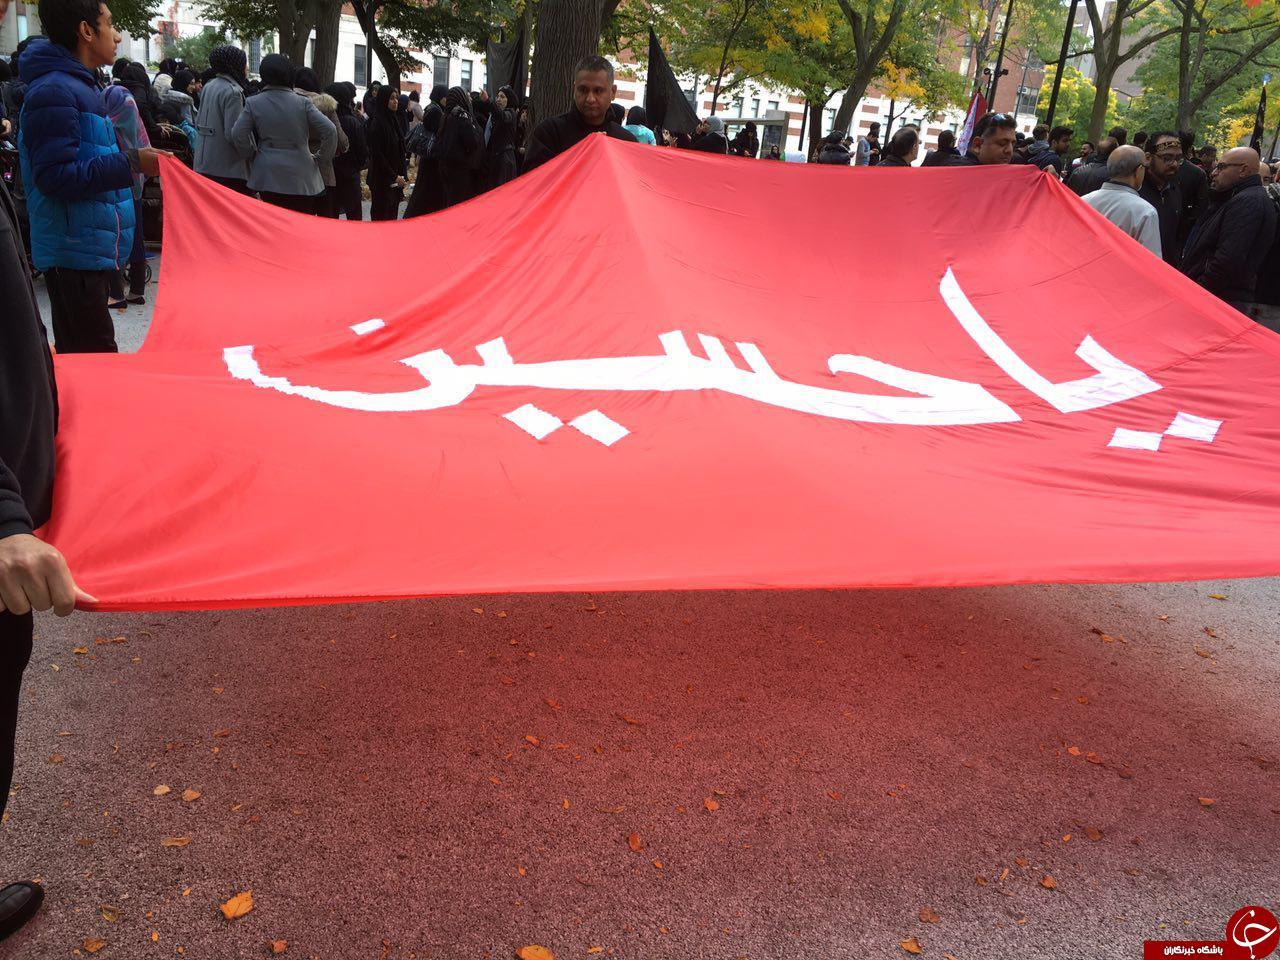 مراسم عزاداری امام حسین(ع)در مونترال + فیلم